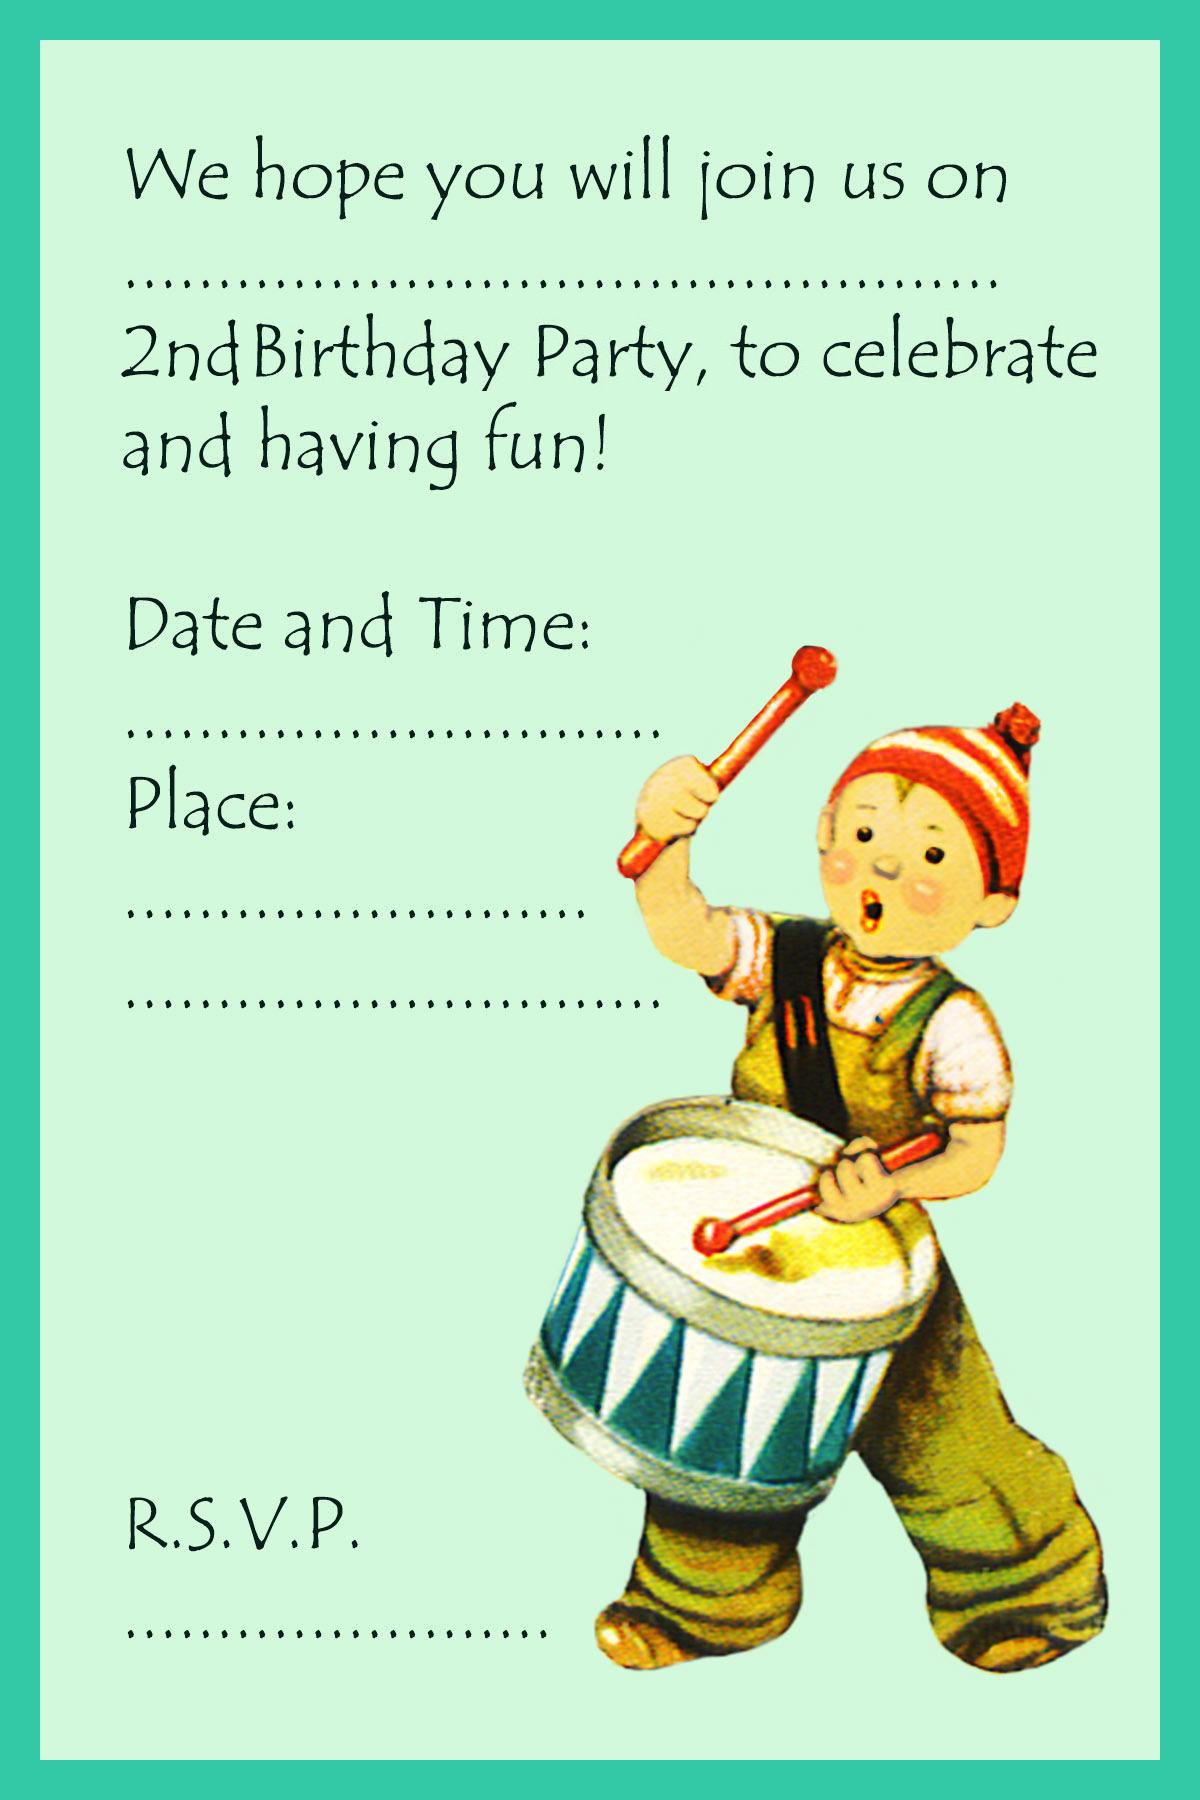 boy birthday invitation 2nd birthday